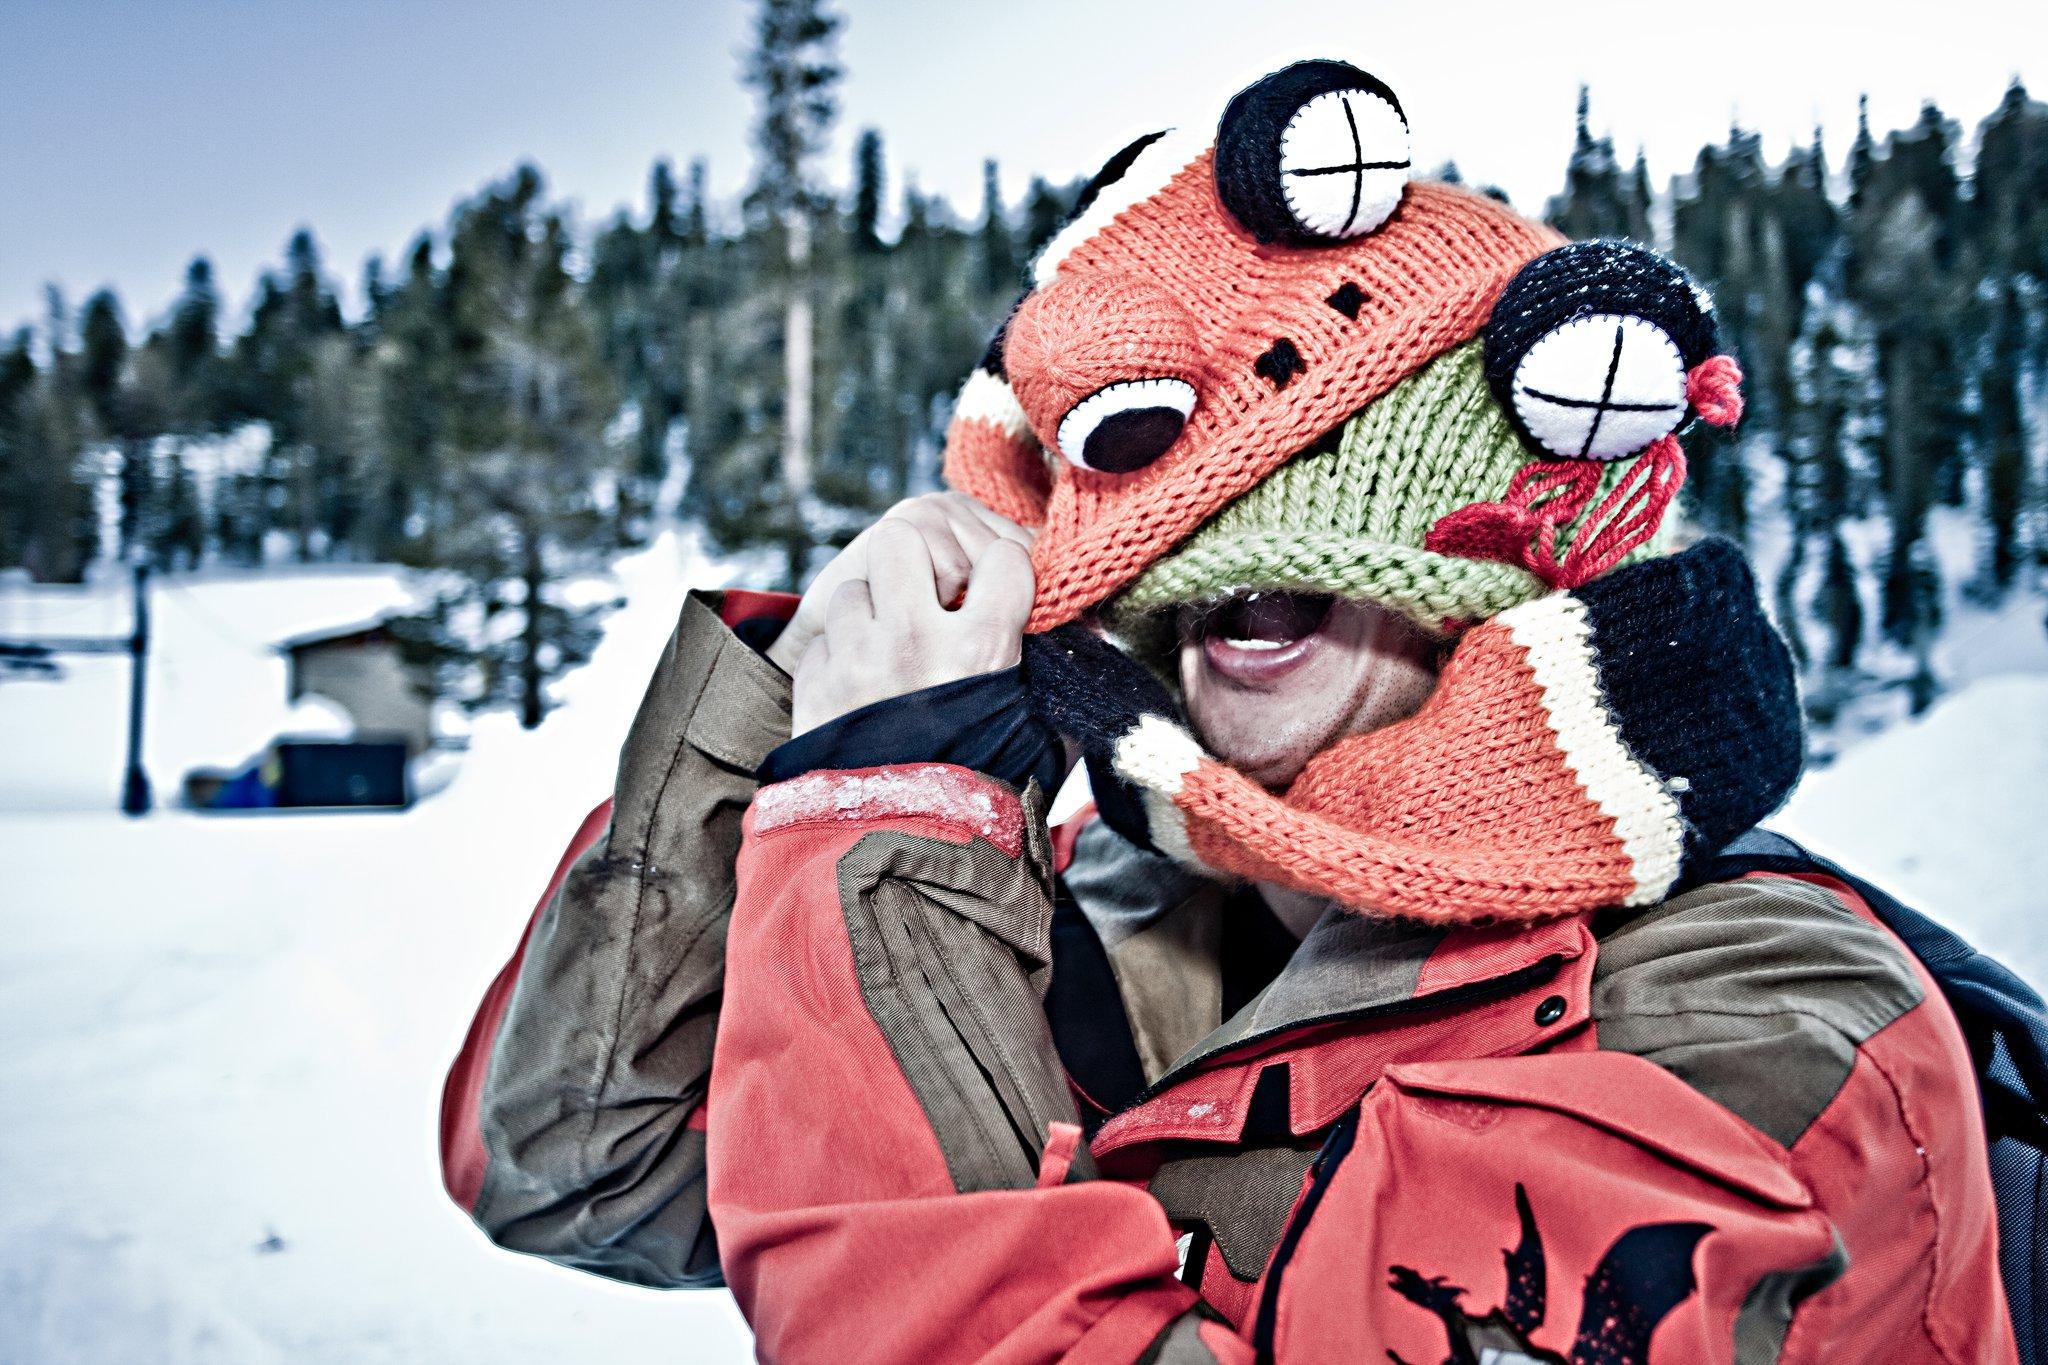 Patrick eating Froggu Helmet Cover